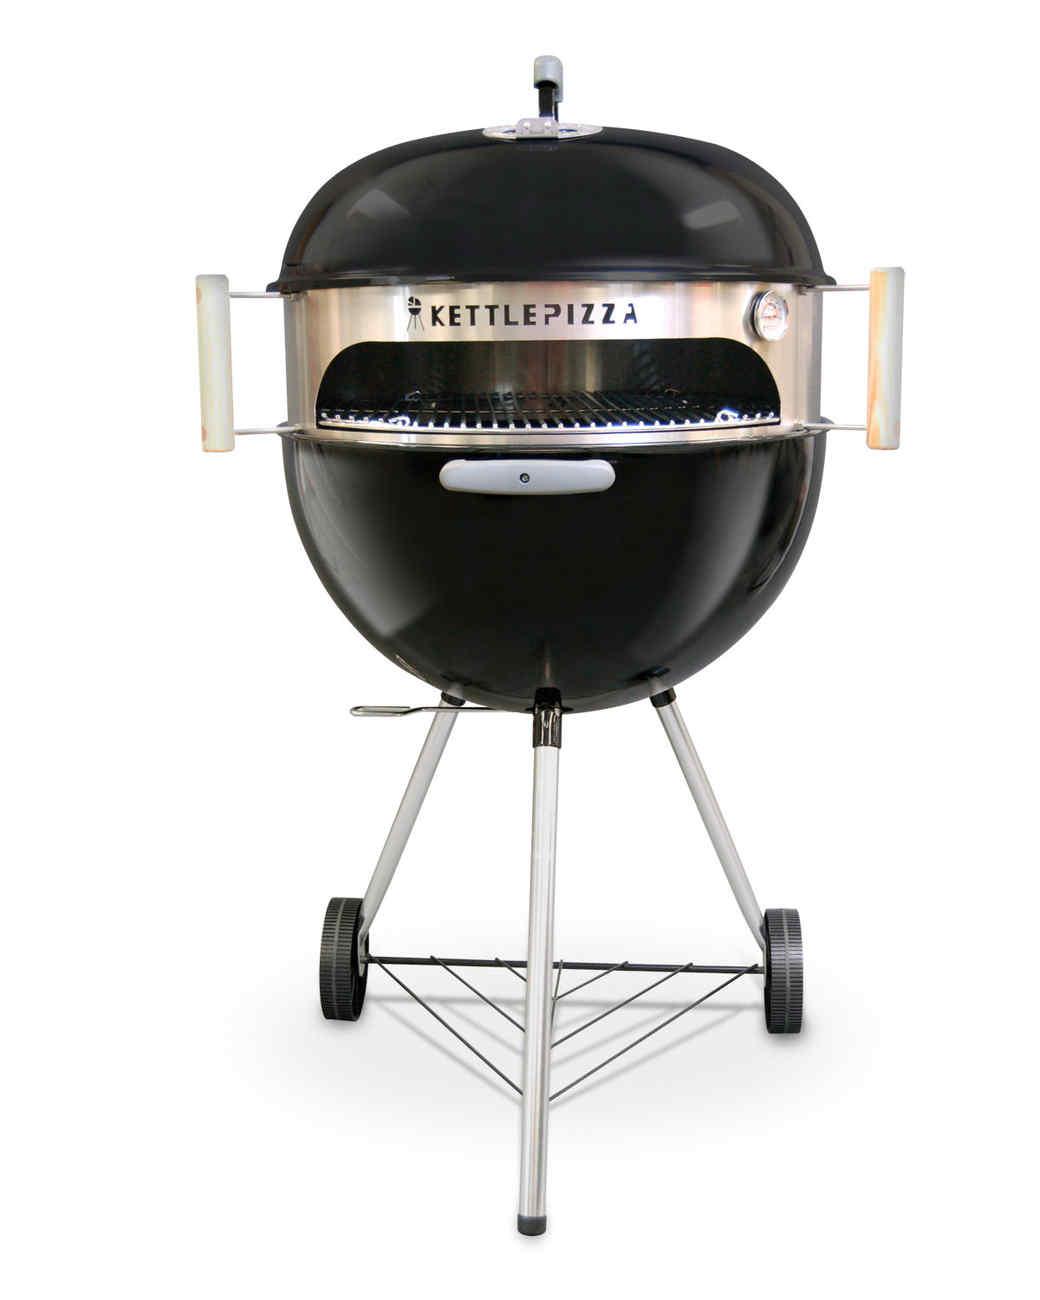 kettle-pizza-0415.jpg